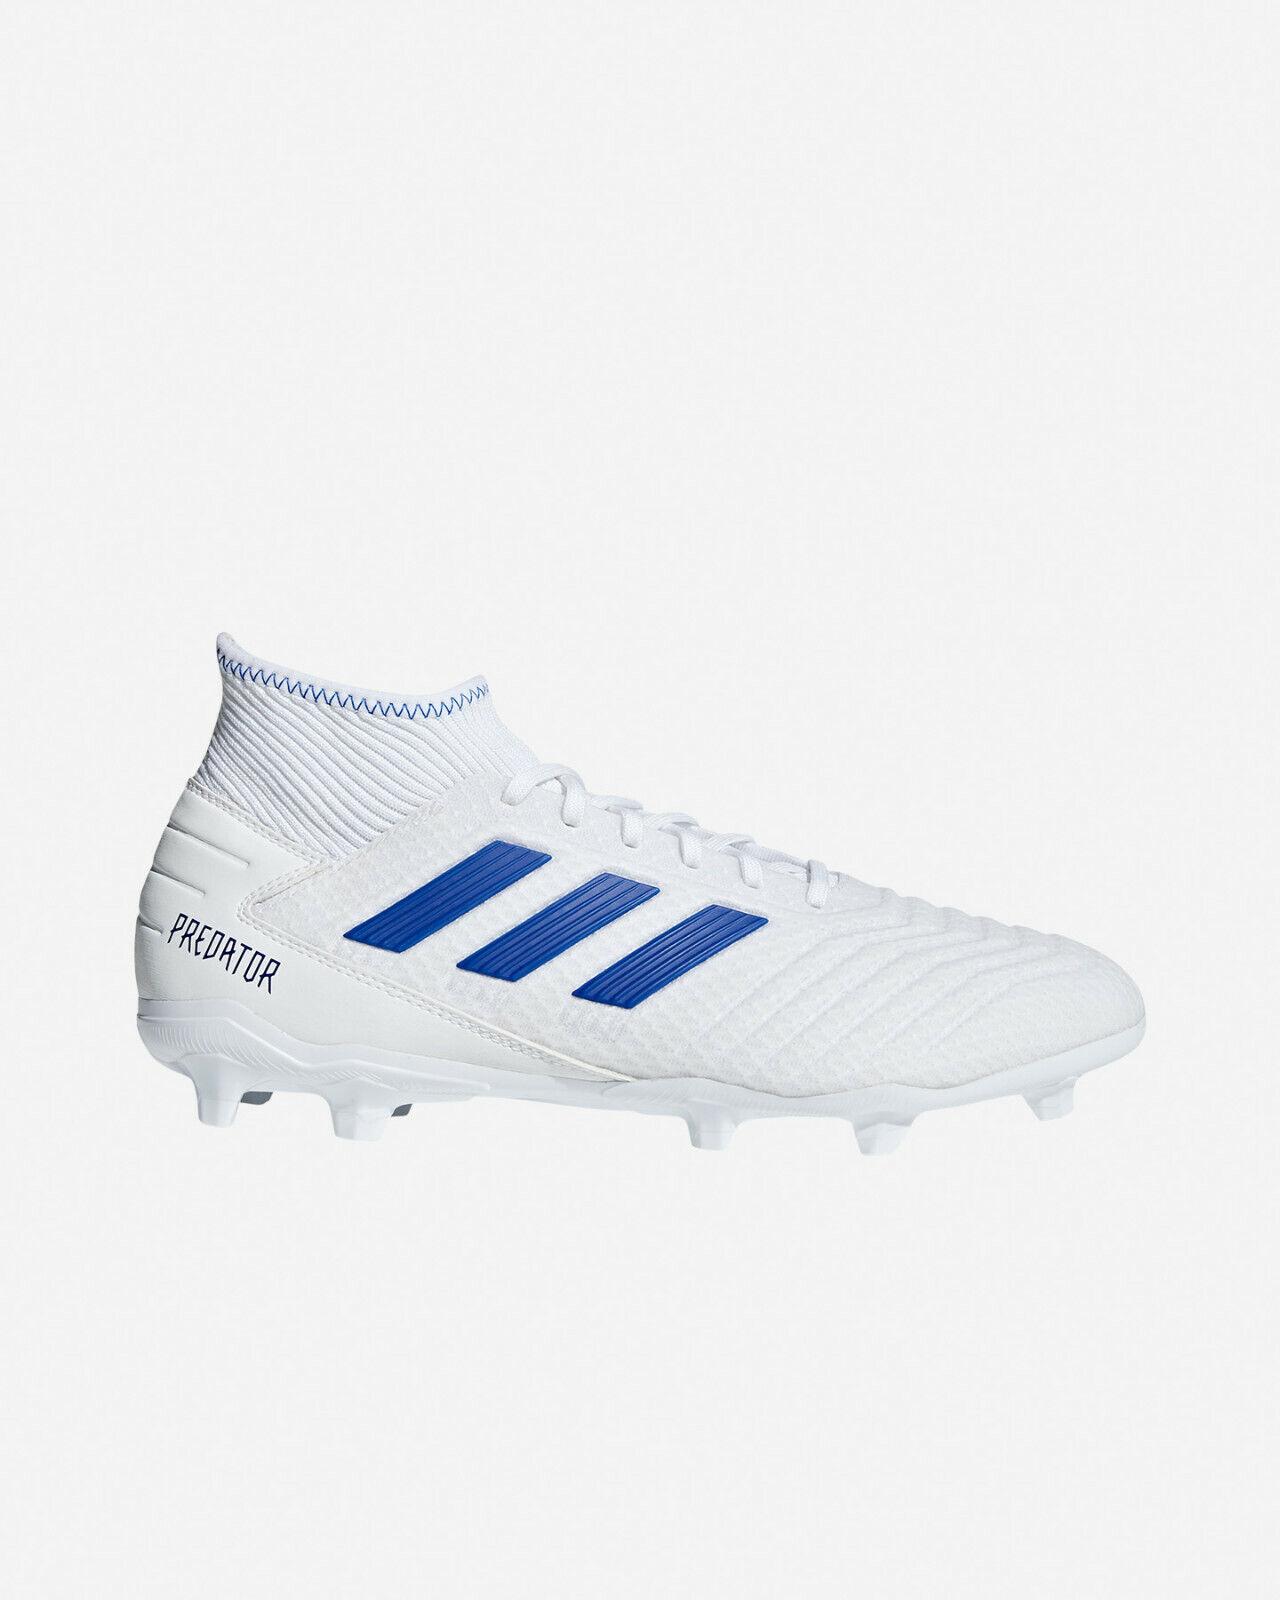 scarpe calcio adidas calzino